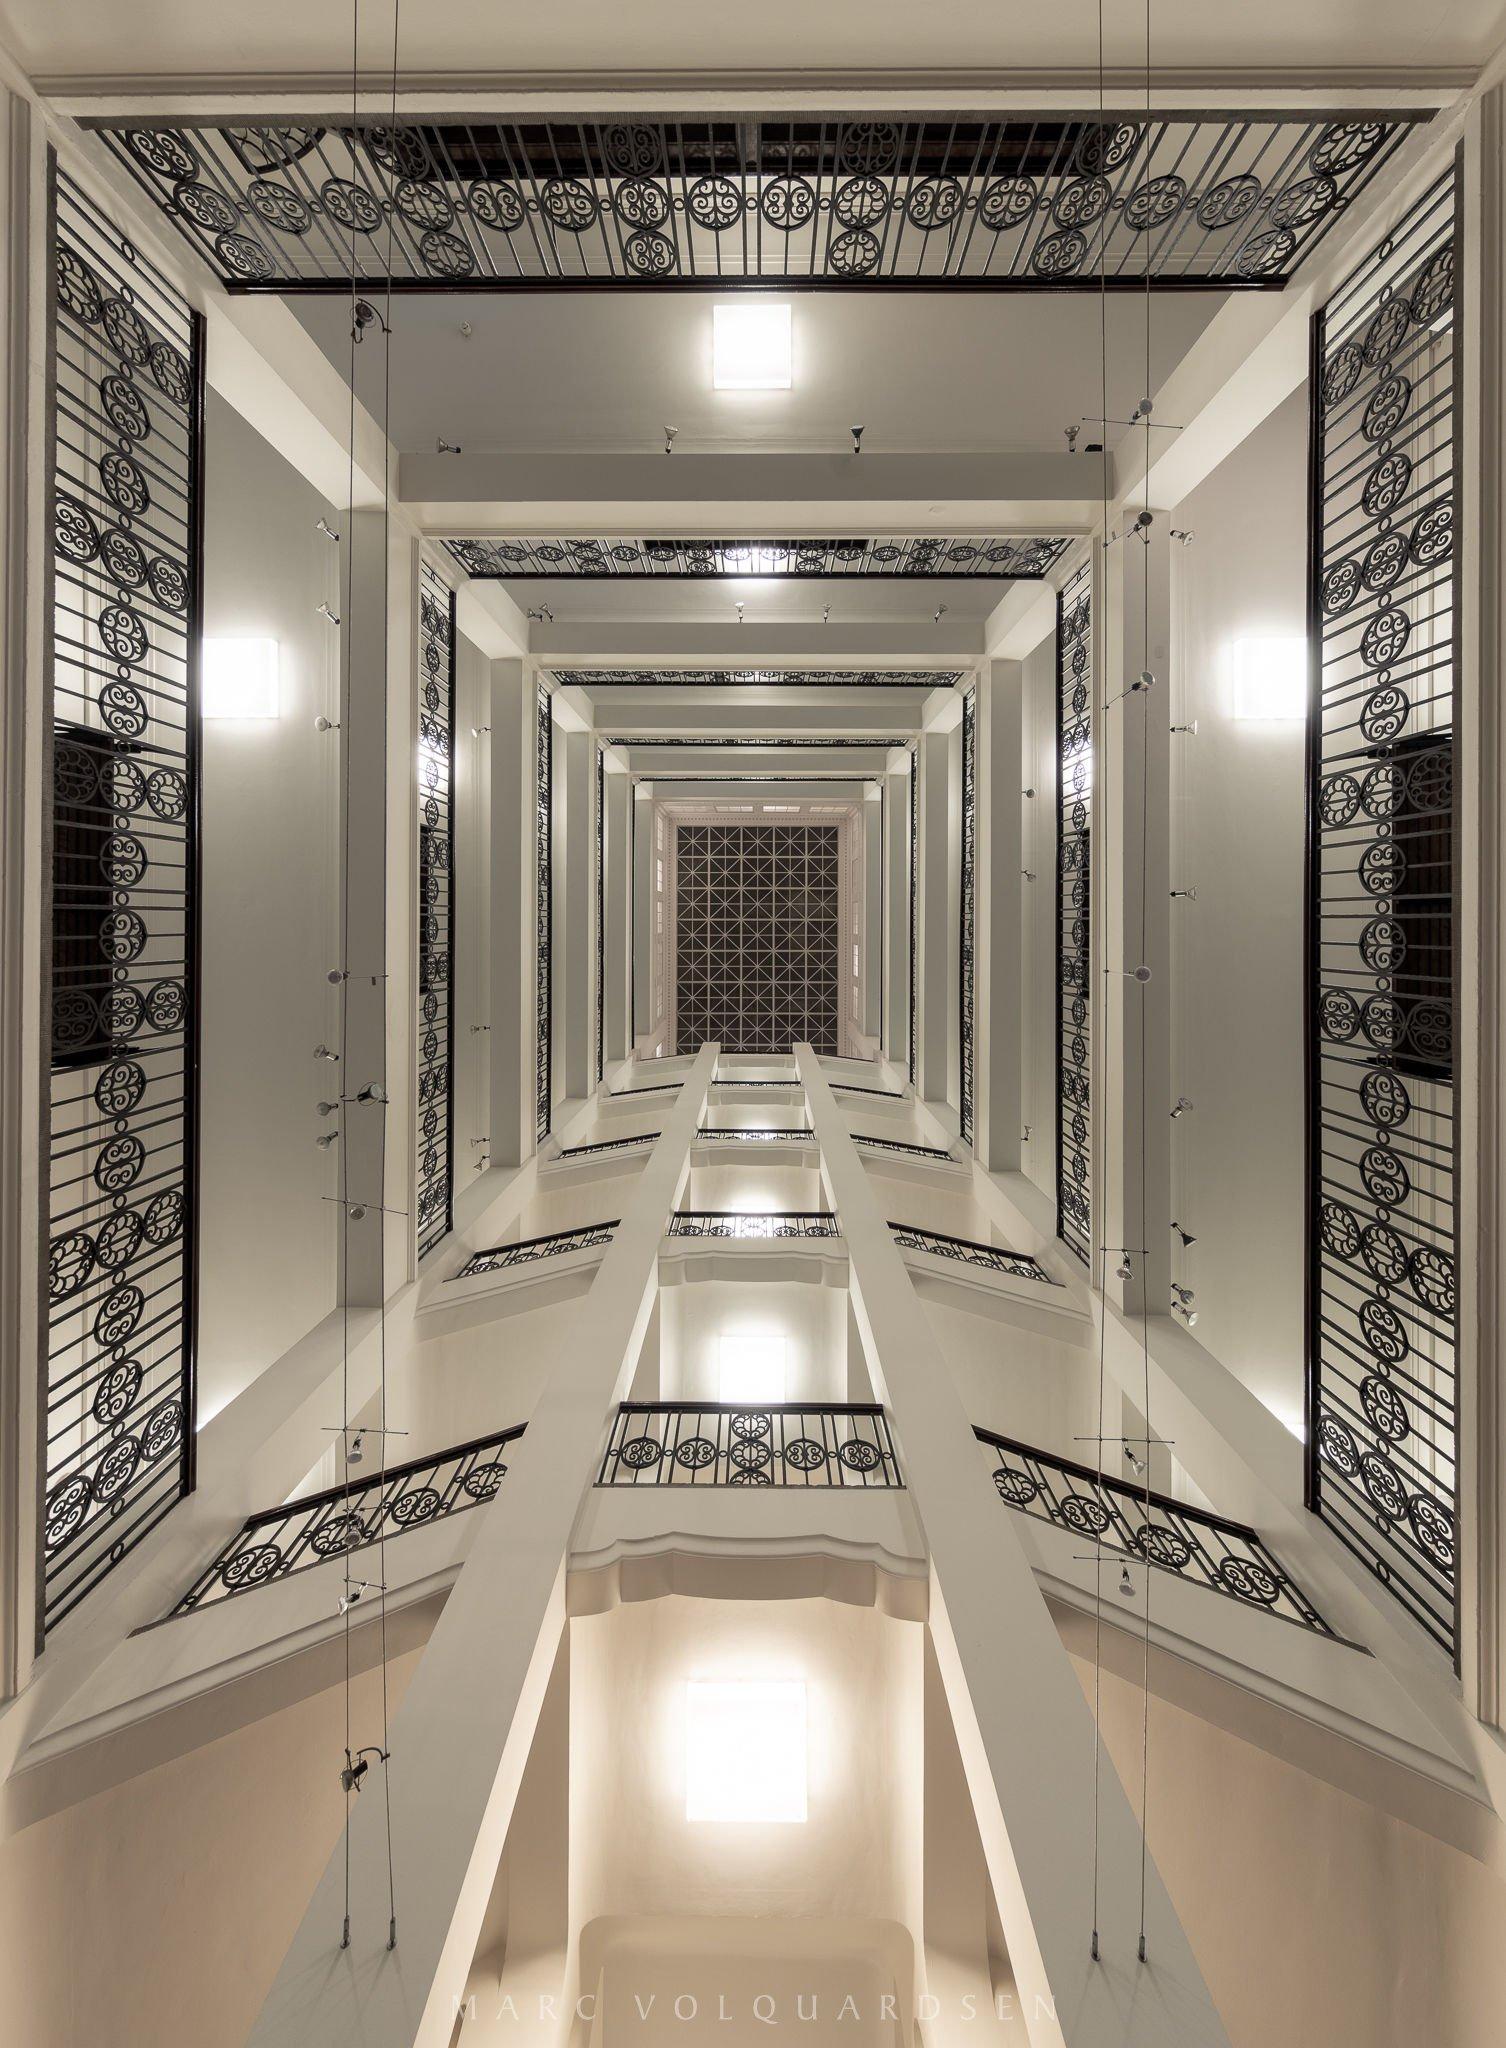 Handwerkskammer Hamburg - Treppenhaus des Innungsflügels (0033)